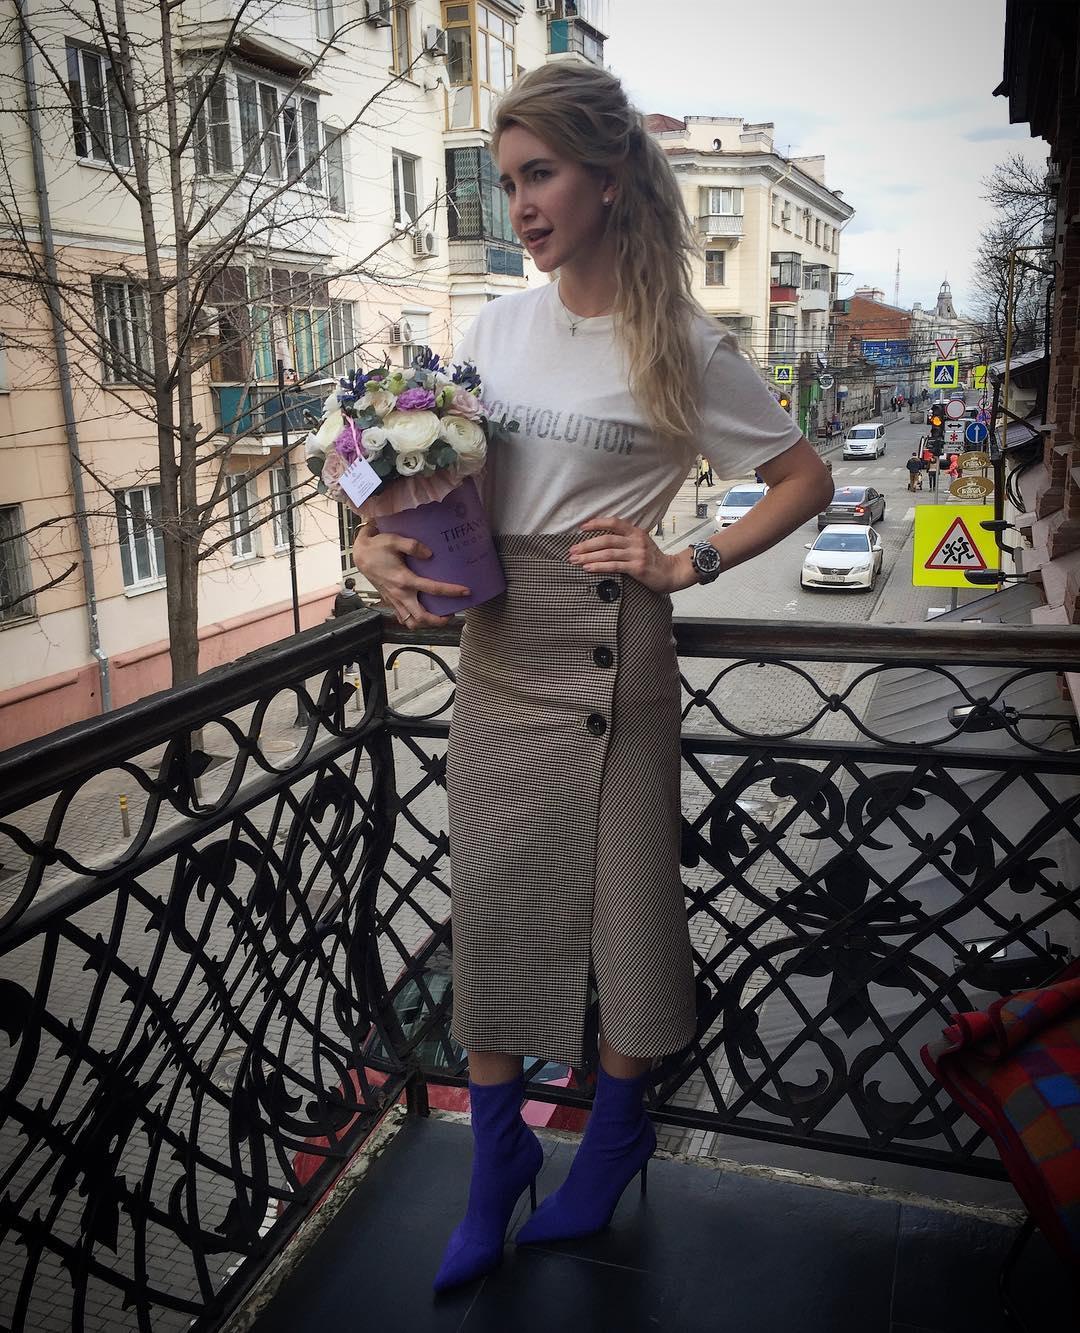 Нам было приятно окунуться в мир моды, стиля и красоты. Спасибо большое @alexandra_gazinskaya